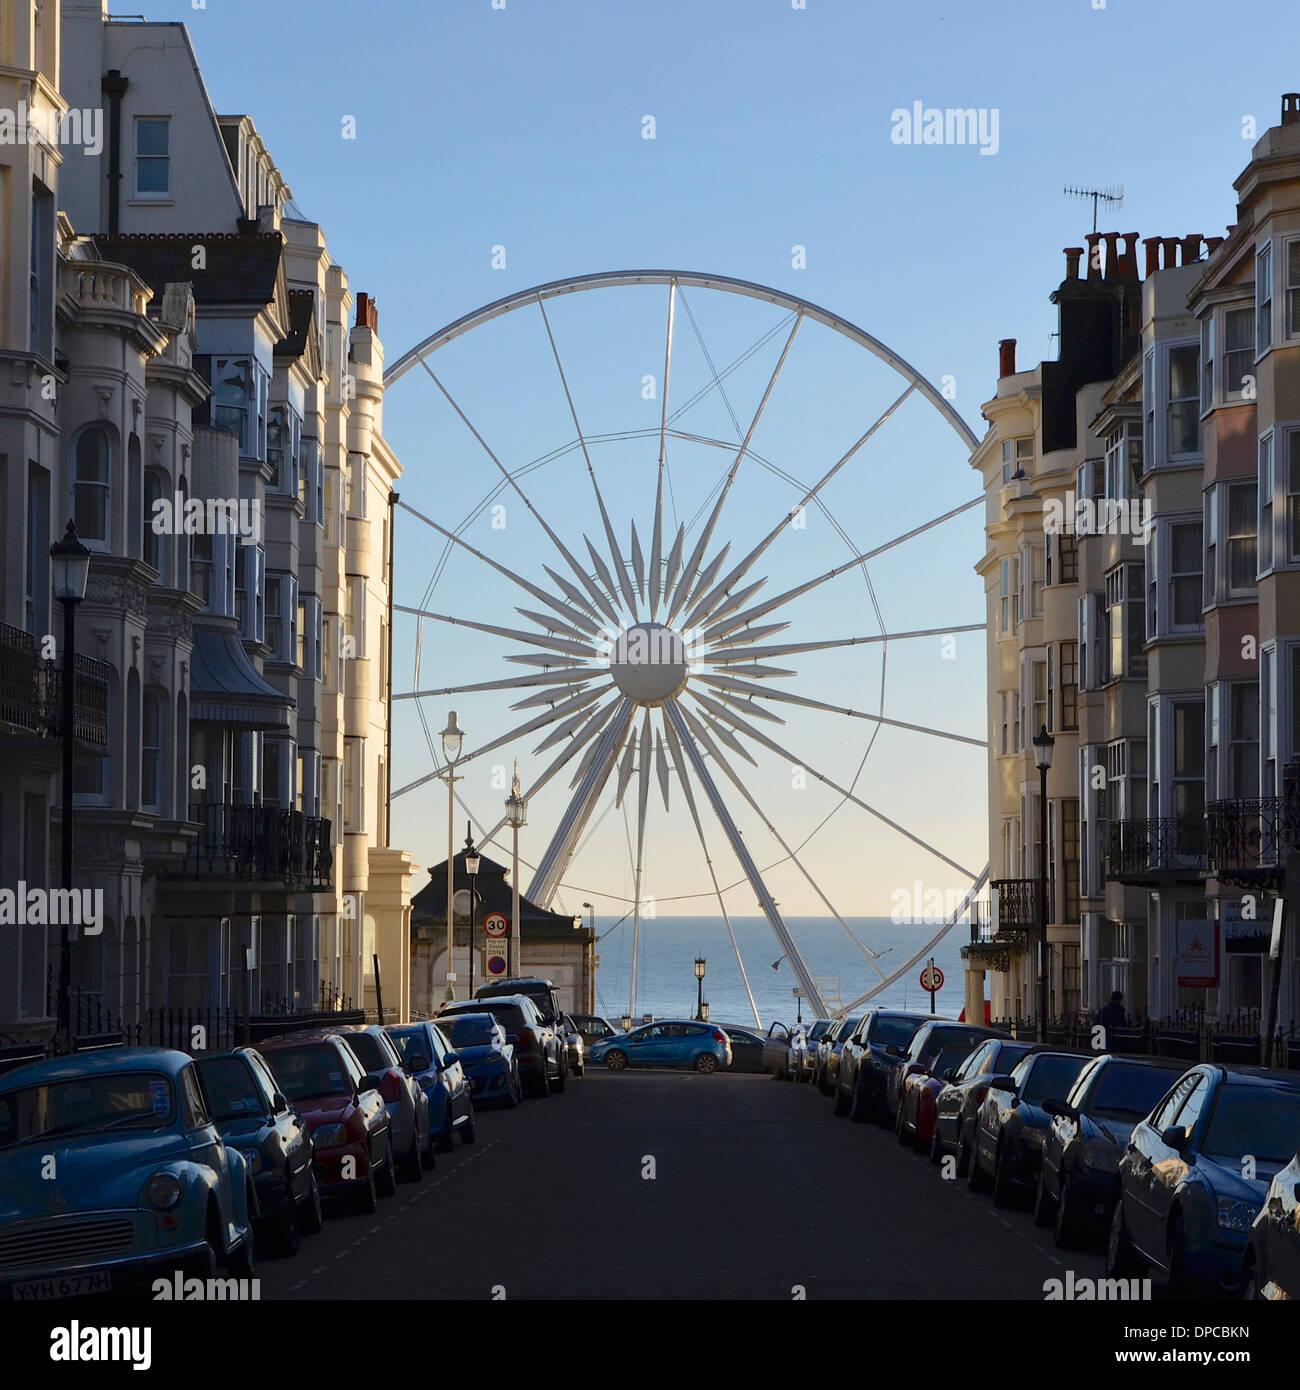 Brighton Wheel - Riesenrad von Kemp Town mit dem Meer im Hintergrund, umrahmt von viktorianischen Reihenhäusern Stadt betrachtet Stockbild